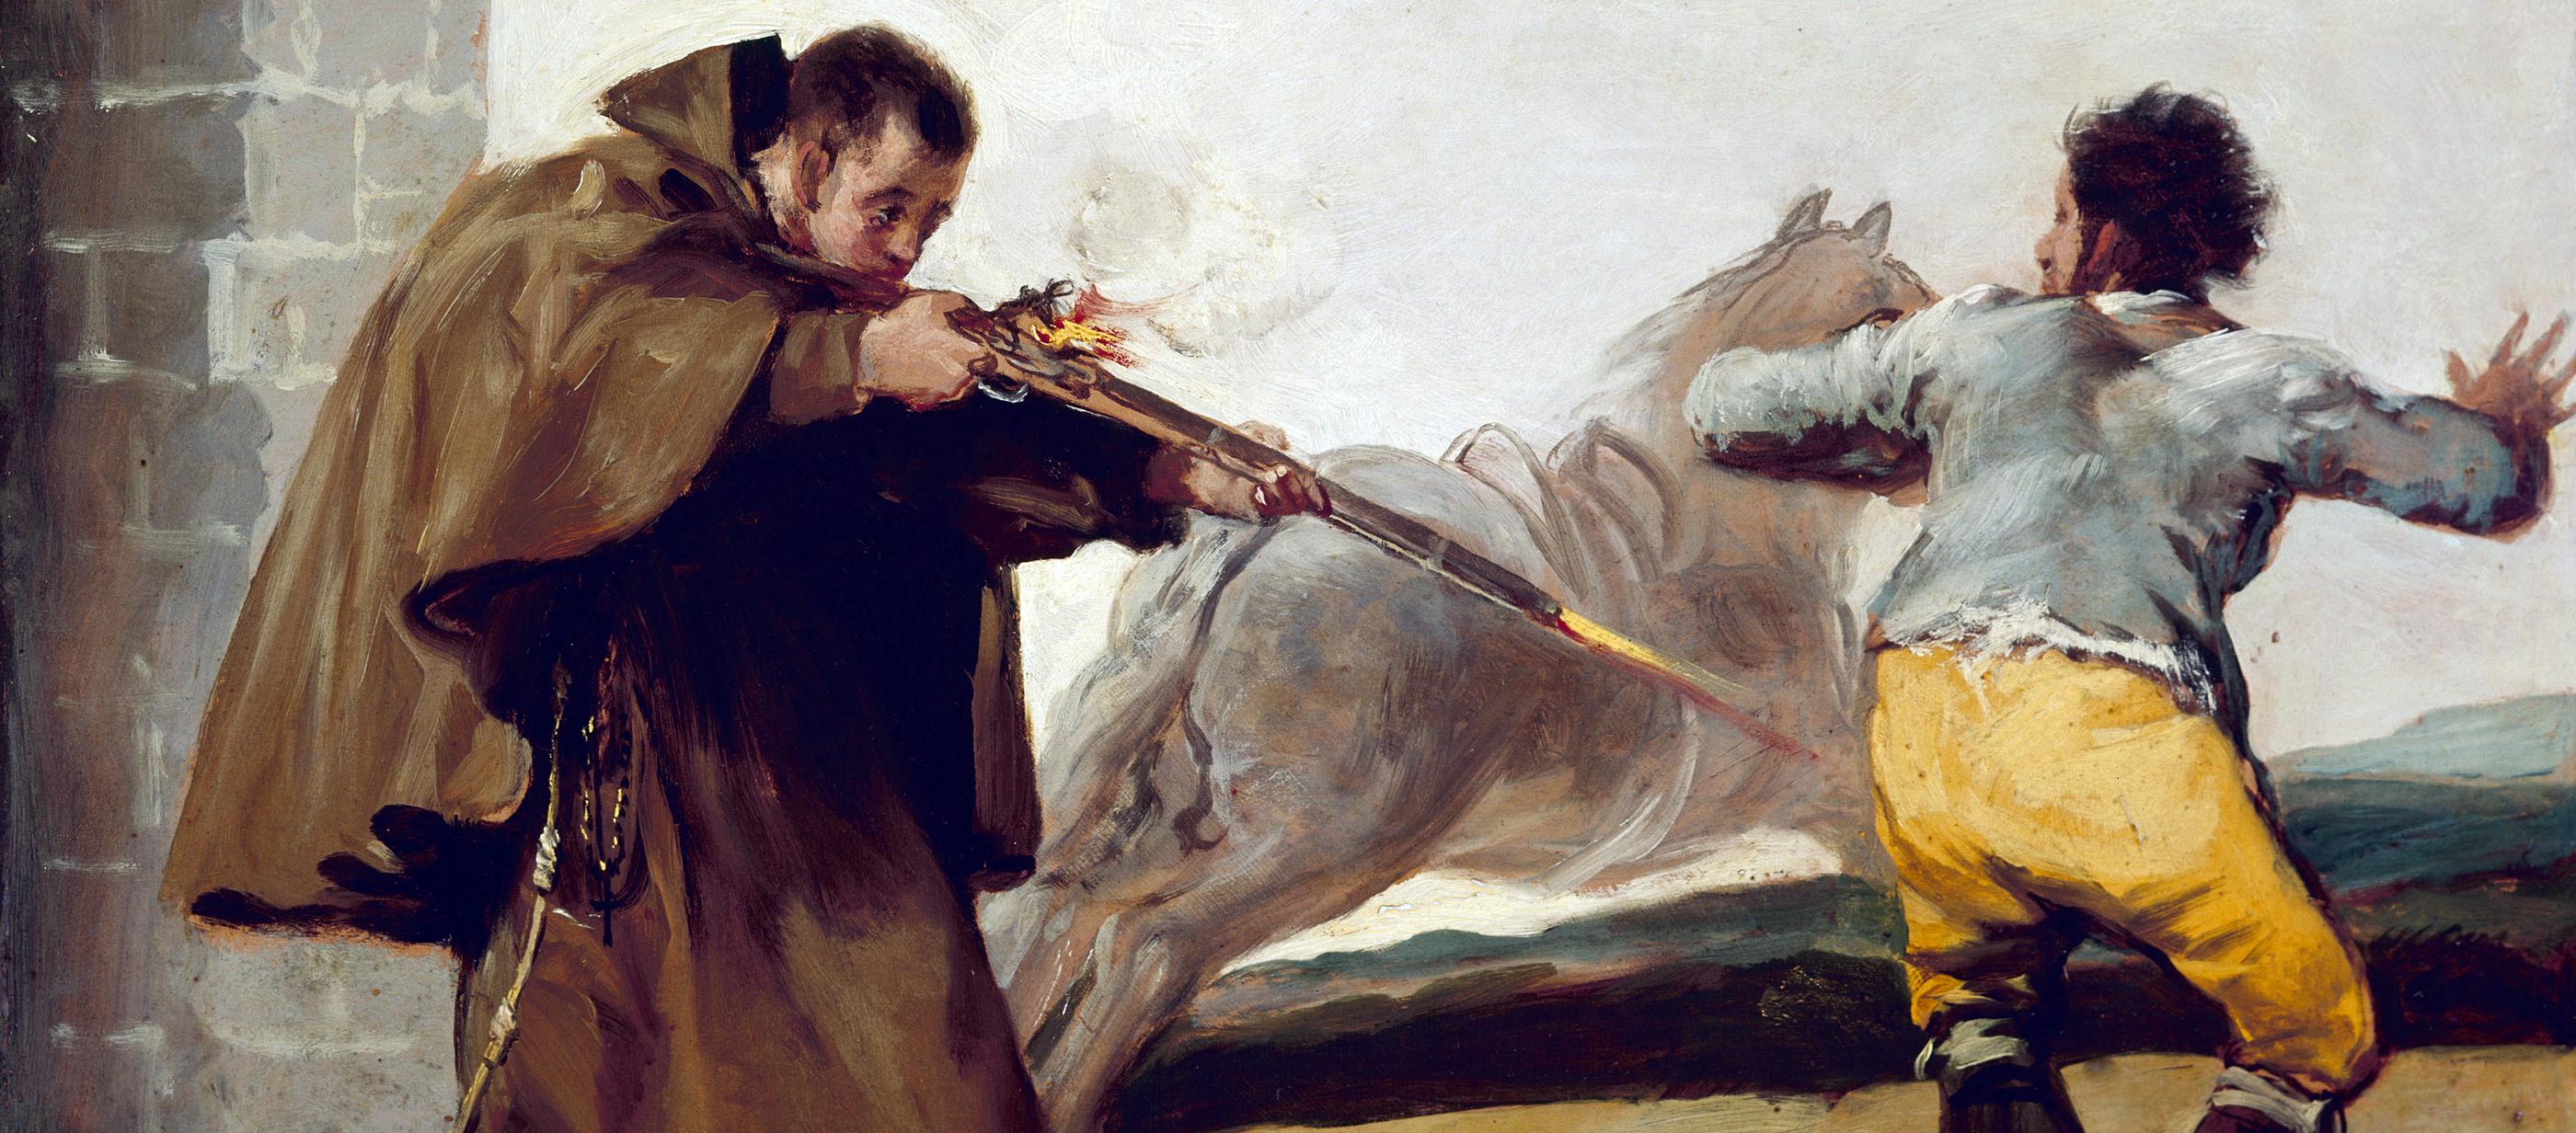 Friar Pedro Shoots El Maragato as His Horse Runs Off, by Francisco José de Goya y Lucientes, c. 1806.